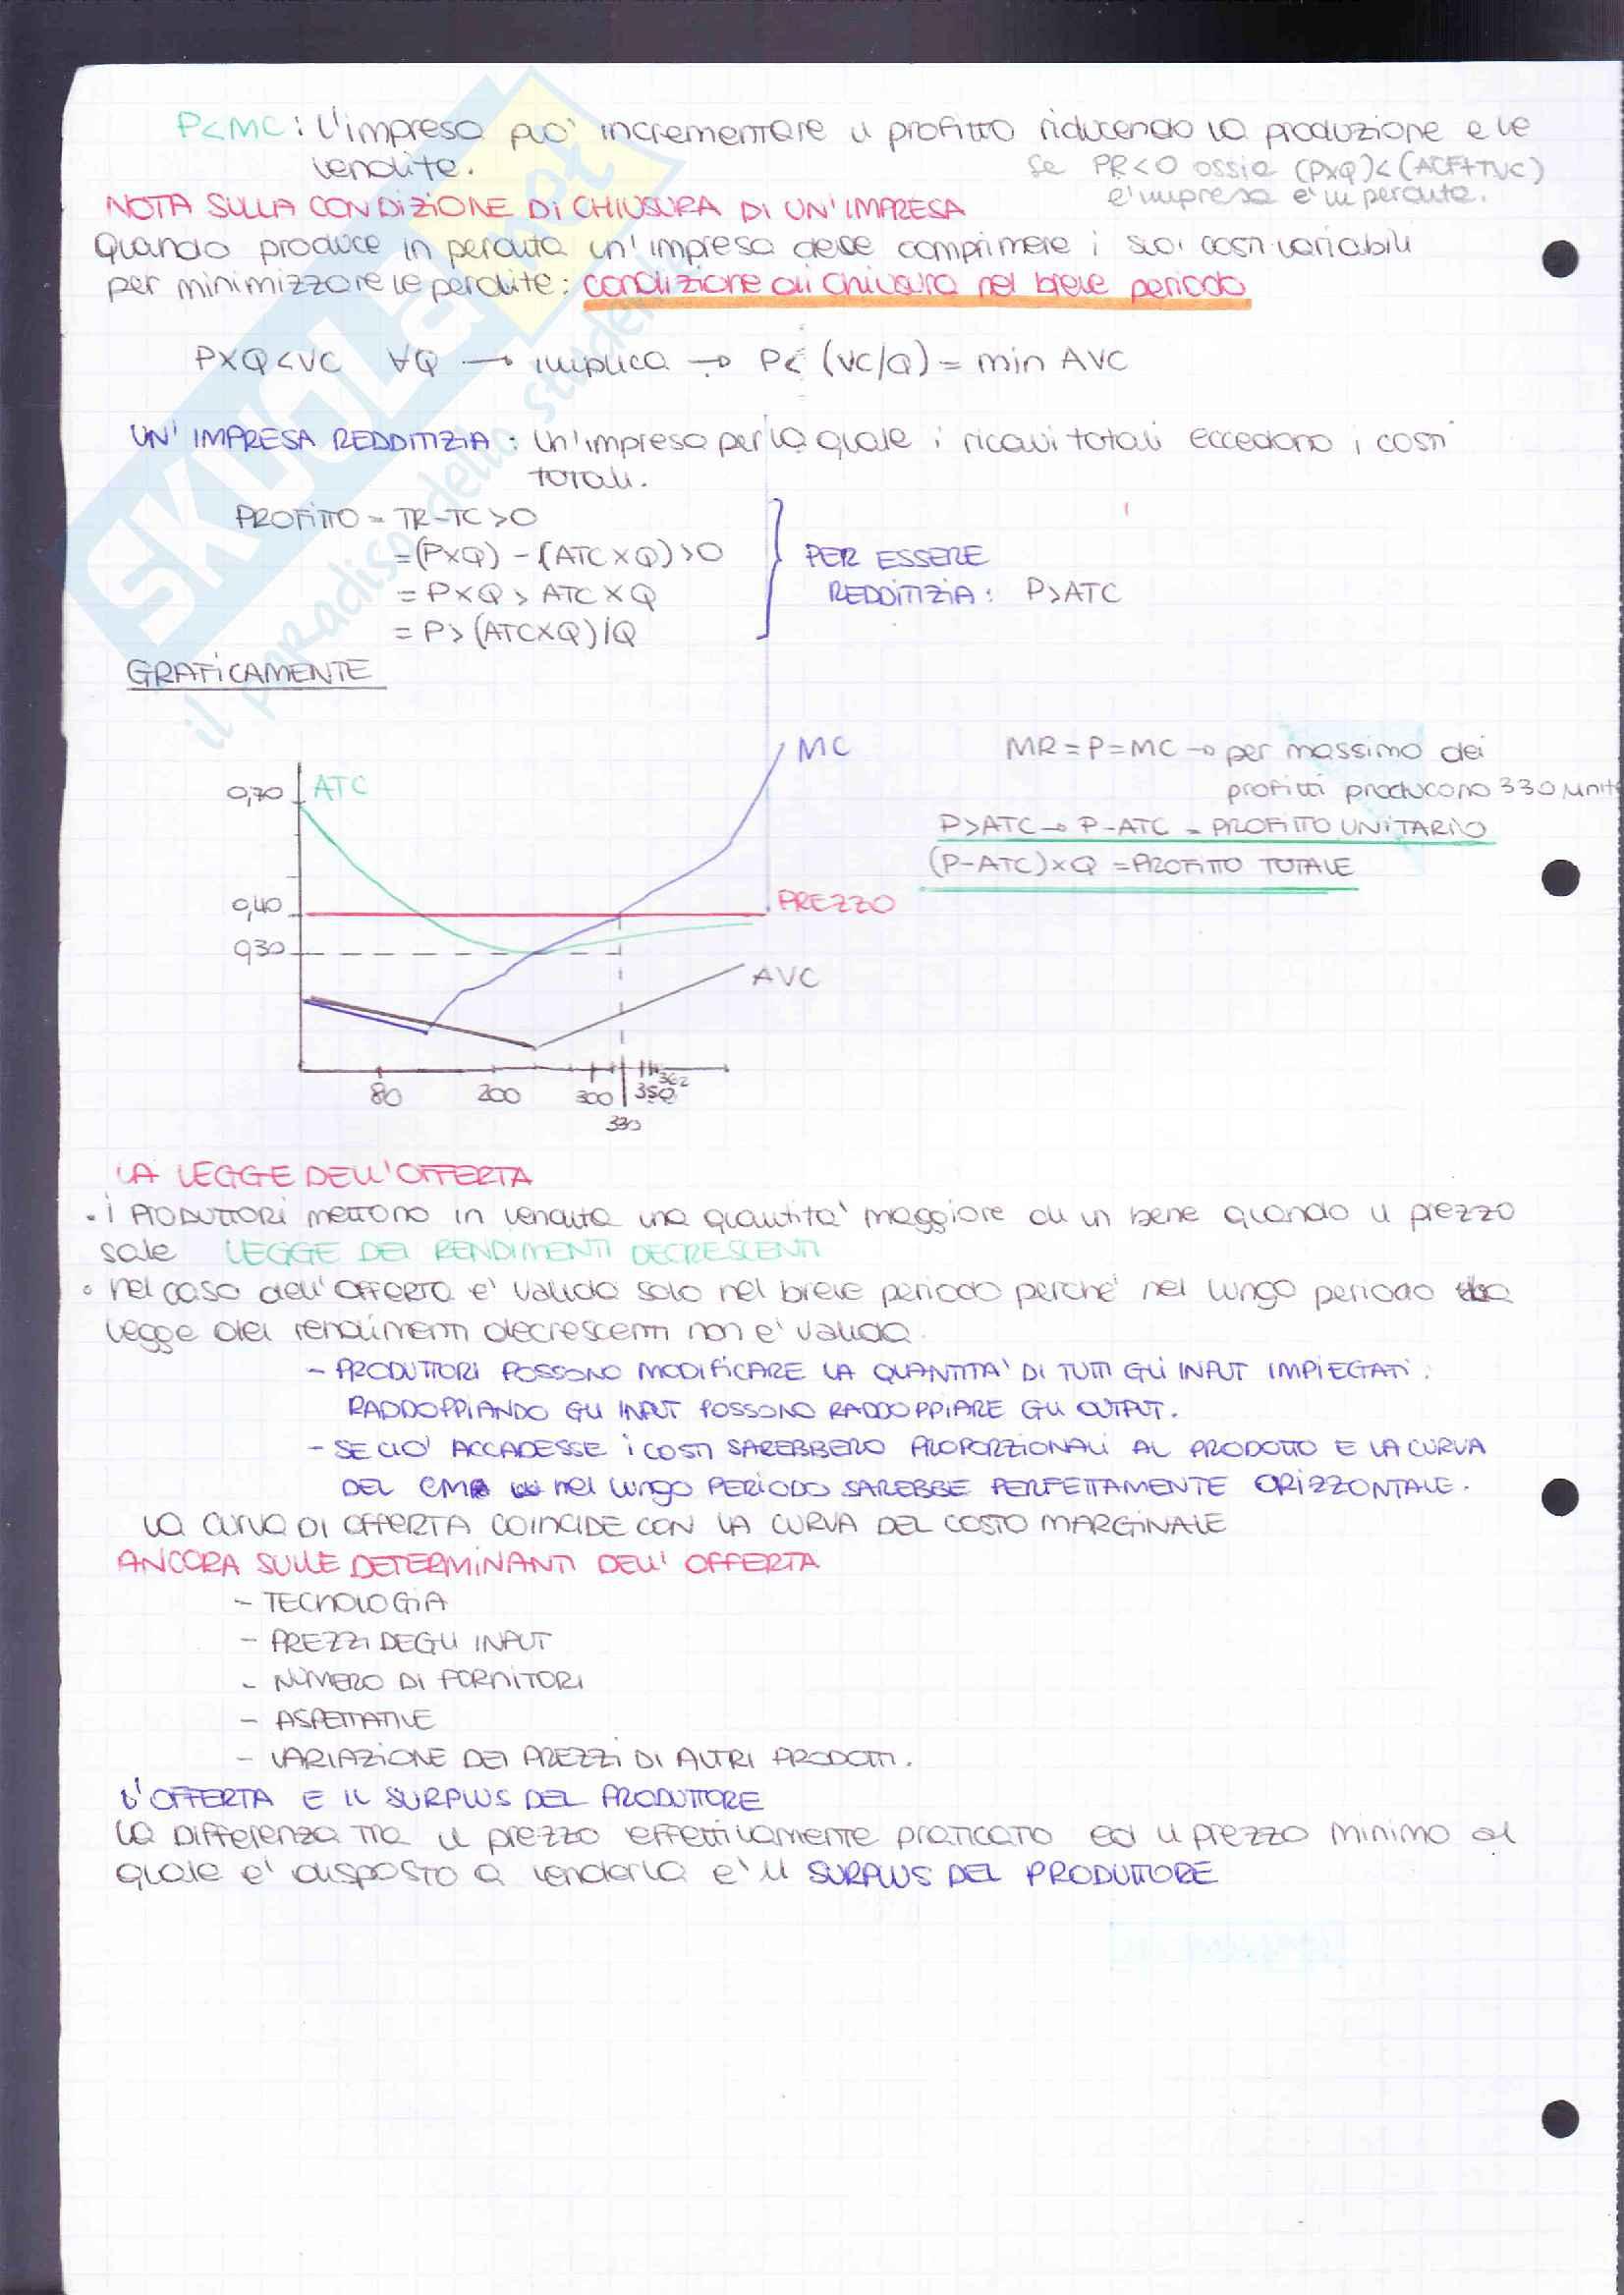 Riassunto esame Elementi di Economia-Microeconomia, prof. Resmini, libro consigliato Principi di economia 4/ed, Robert H. Frank, Ben S. Bernanke, Moore McDowell, Rodney Thom e Ivan Pastine Pag. 41